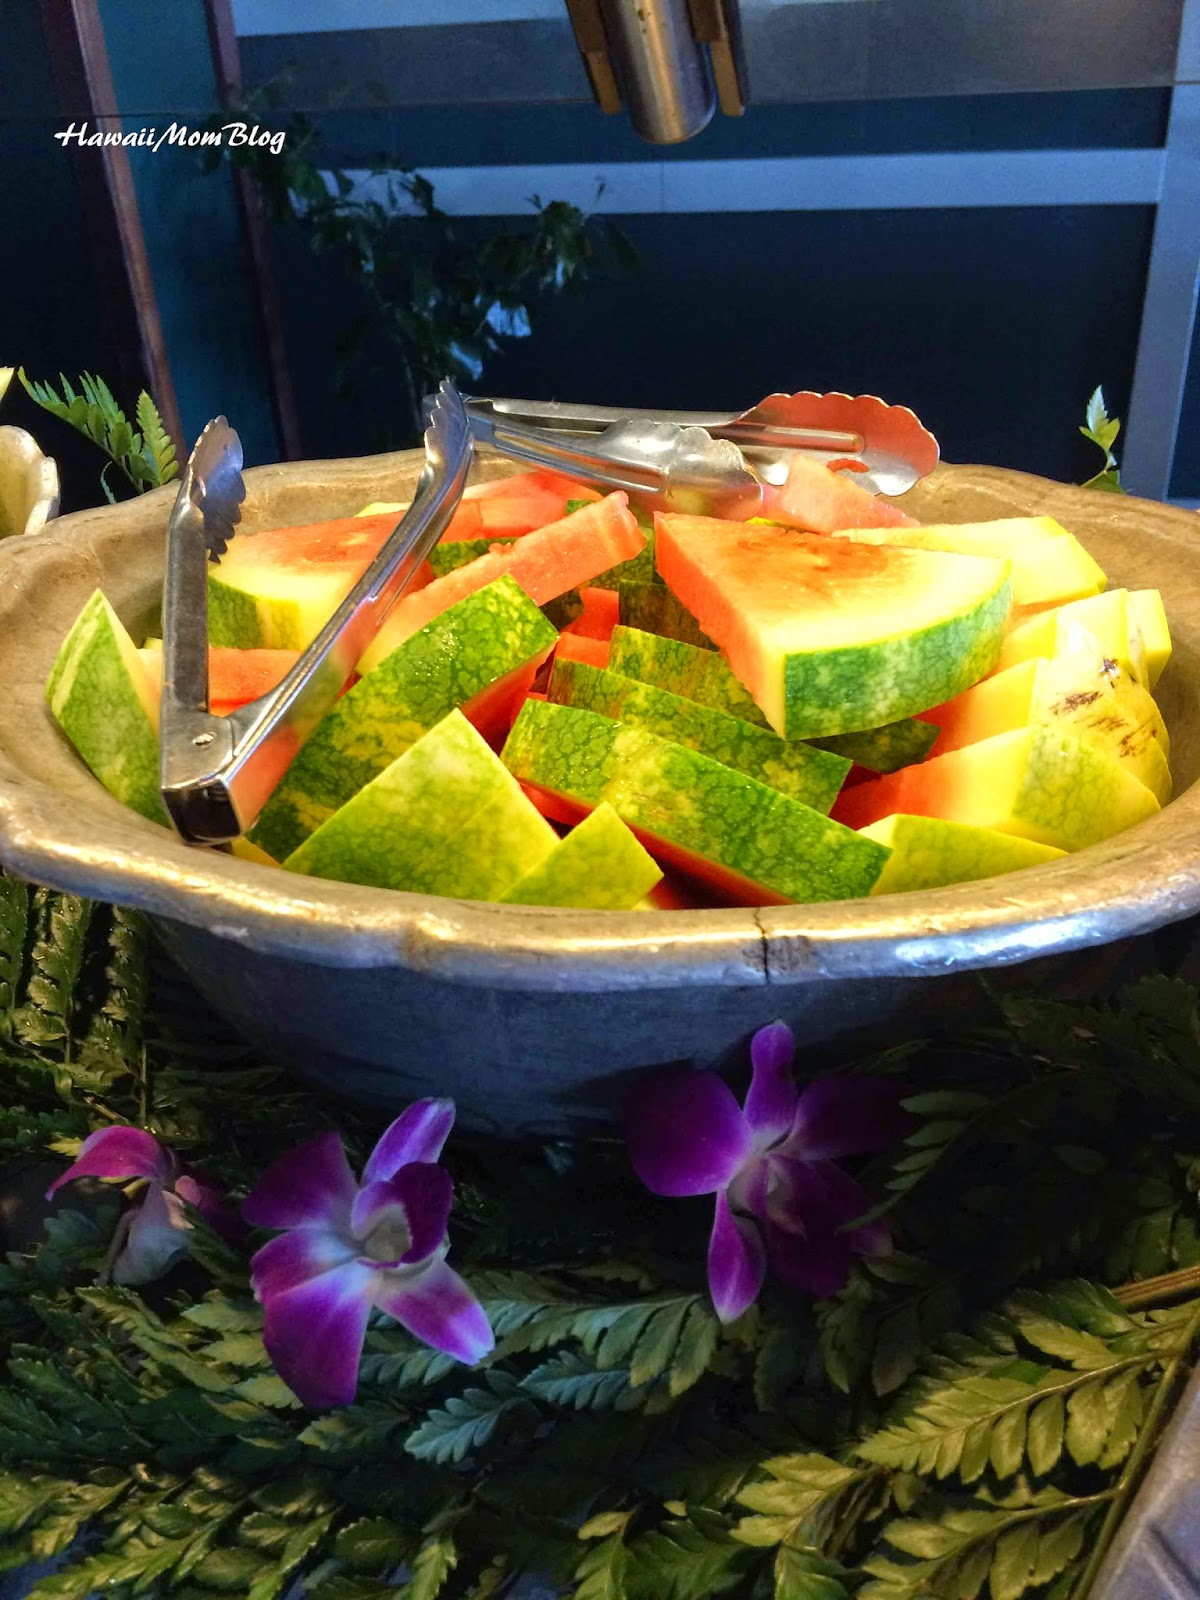 Hawaii Mom Blog A Breakfast Buffet Deal At Shore Bird